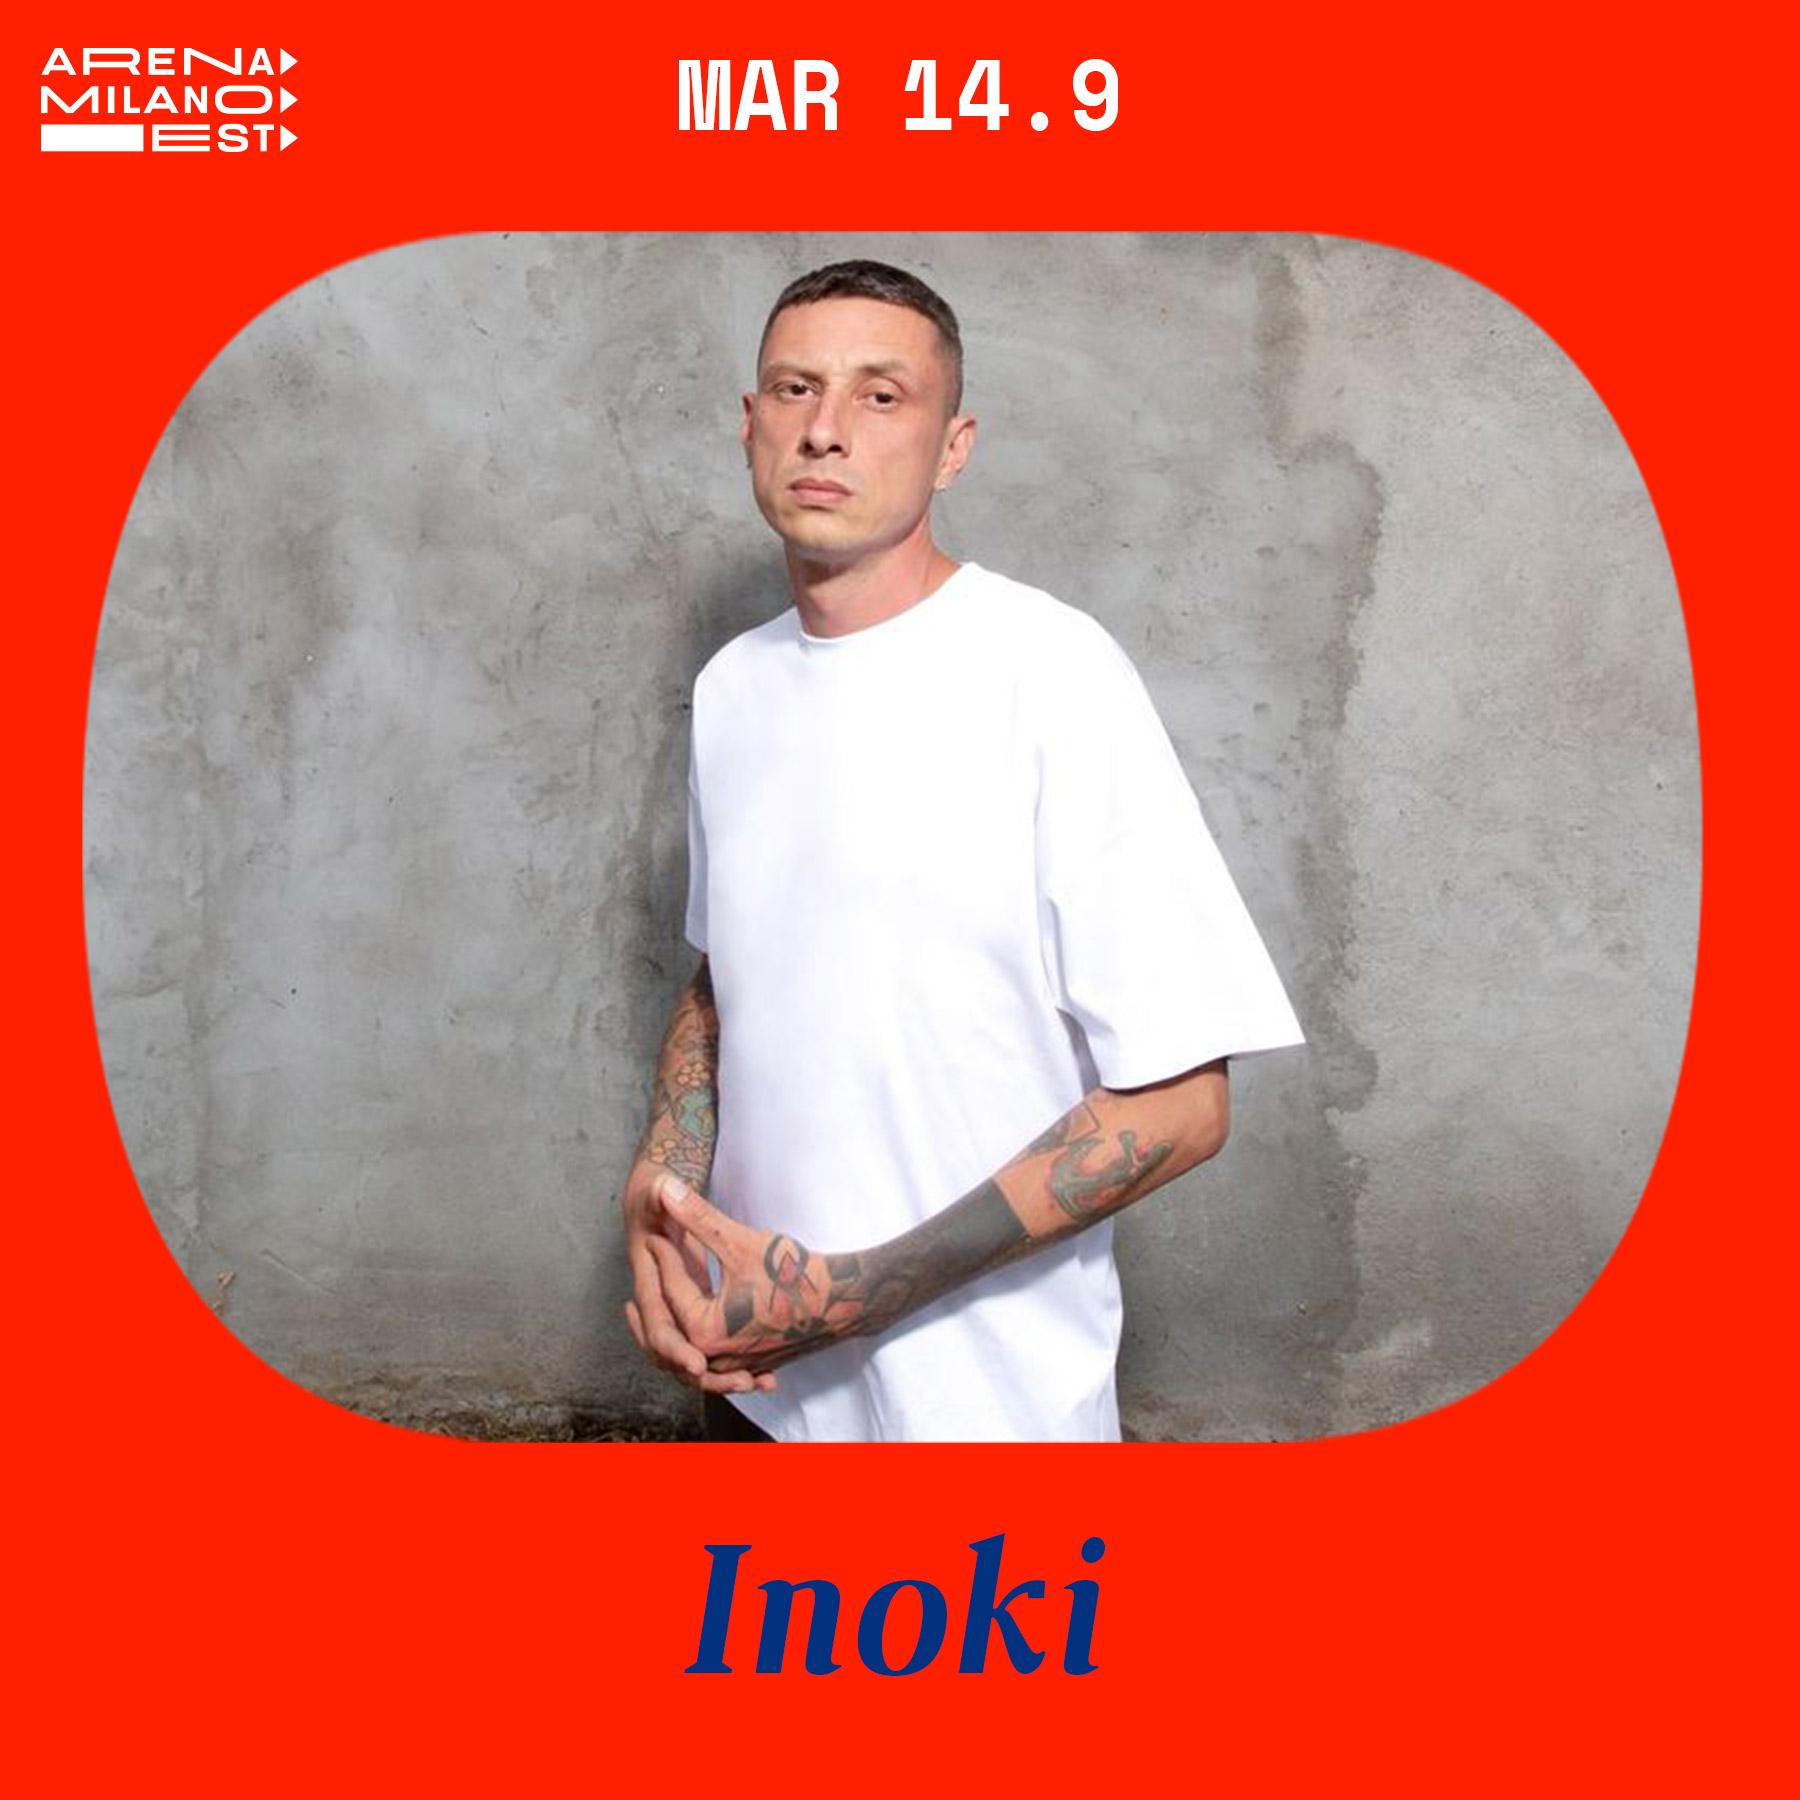 Inoki all'Arena Milano Est